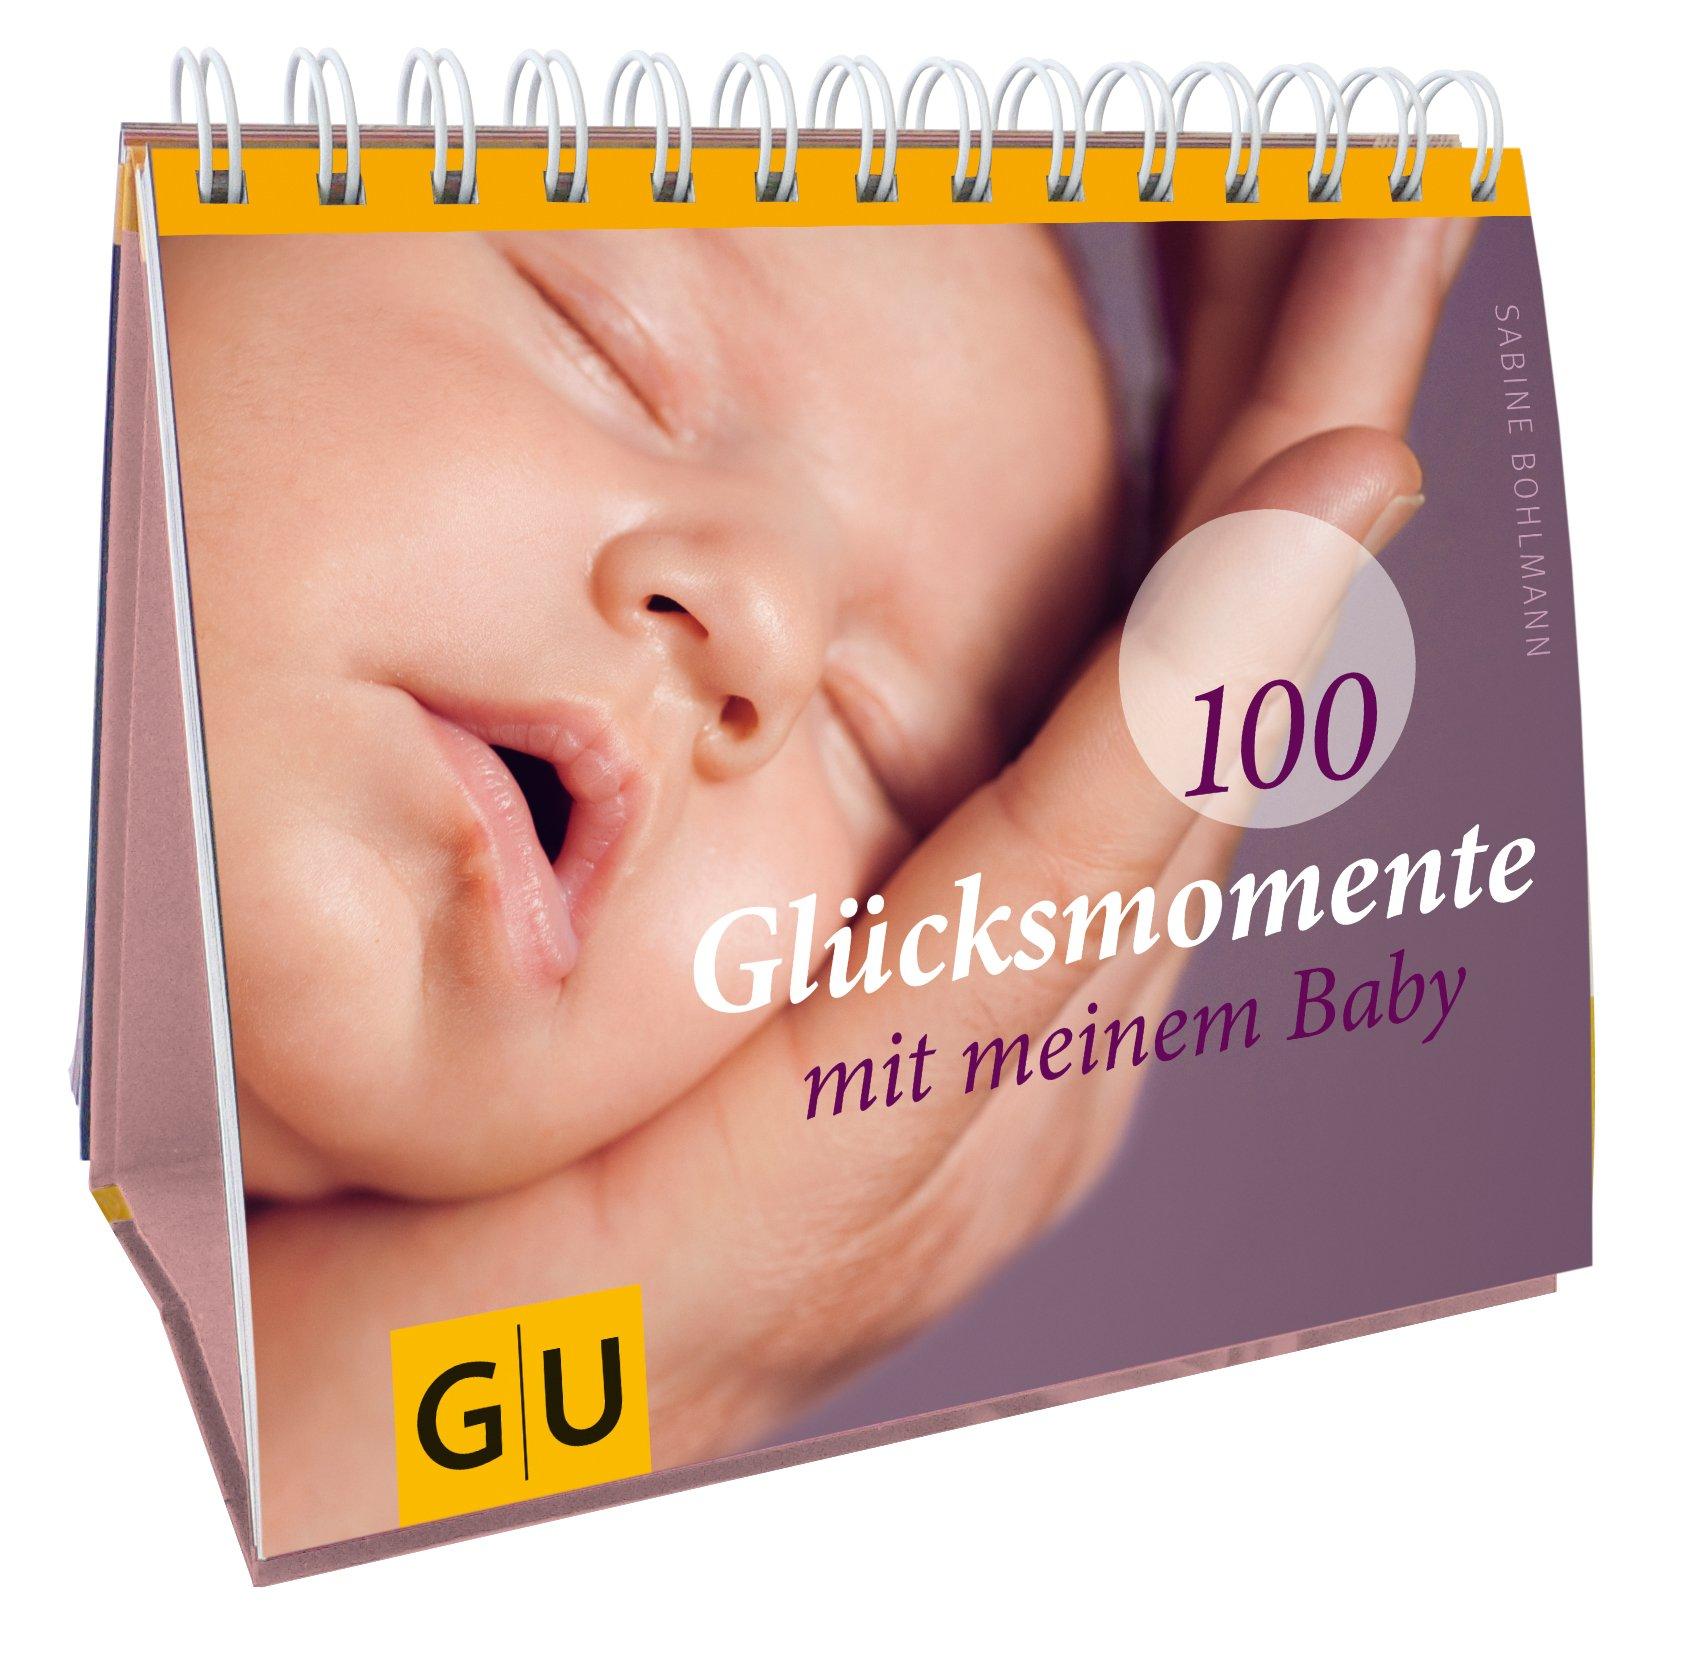 100 Glücksmomente mit meinem Baby Spiralbindung – 7. September 2011 Sabine Bohlmann GRÄFE UND UNZER Verlag GmbH 3833821787 Ratgeber Gesundheit